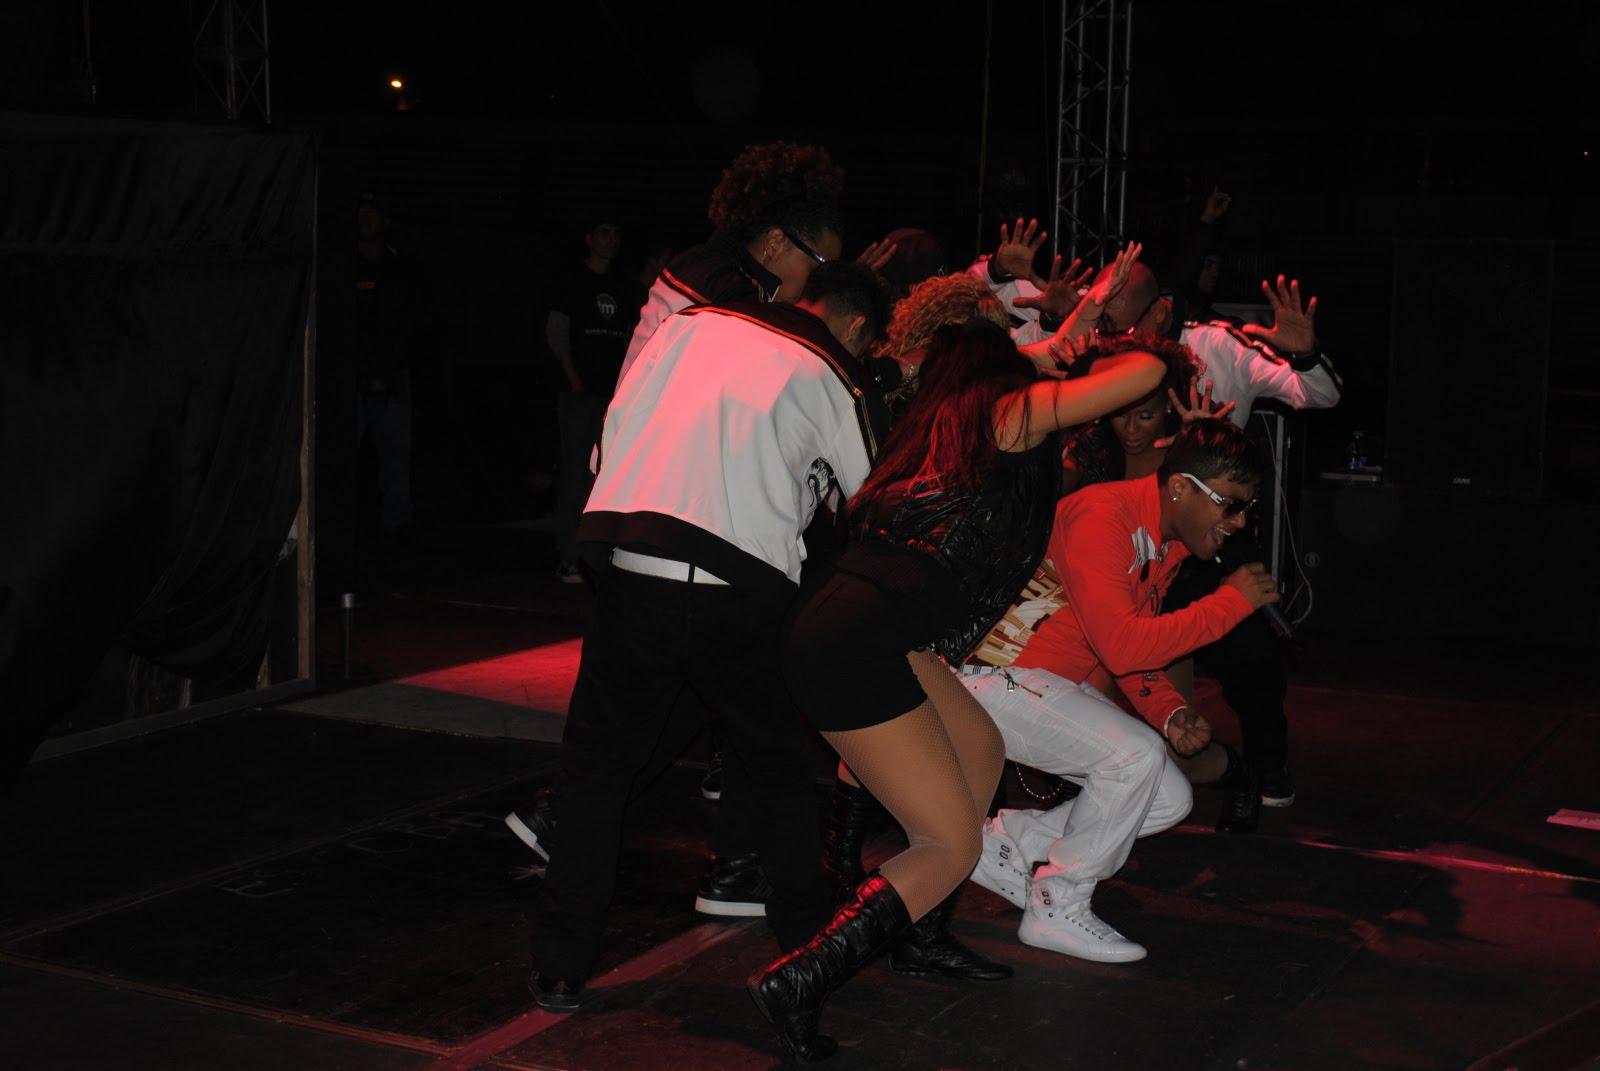 http://2.bp.blogspot.com/_dhliZJsif-4/TA54napsOLI/AAAAAAAACP0/K08OfdDYBiY/s1600/Makano1_SR.jpg